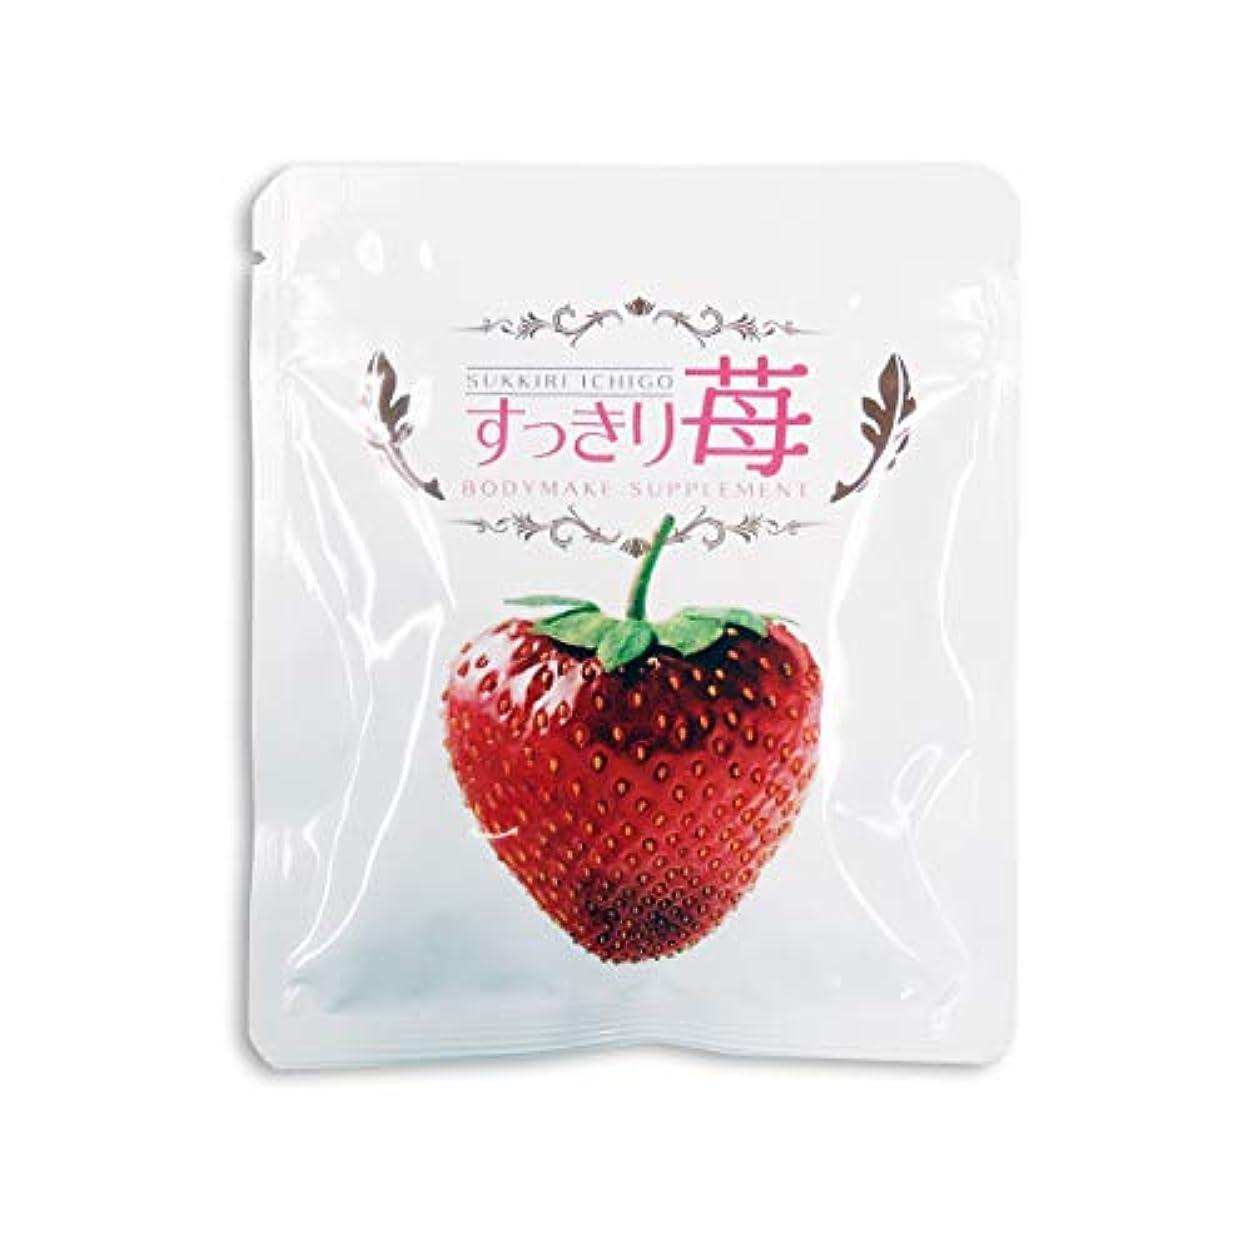 毎週穴によるとすっきり苺 ダイエタリーサプリメント